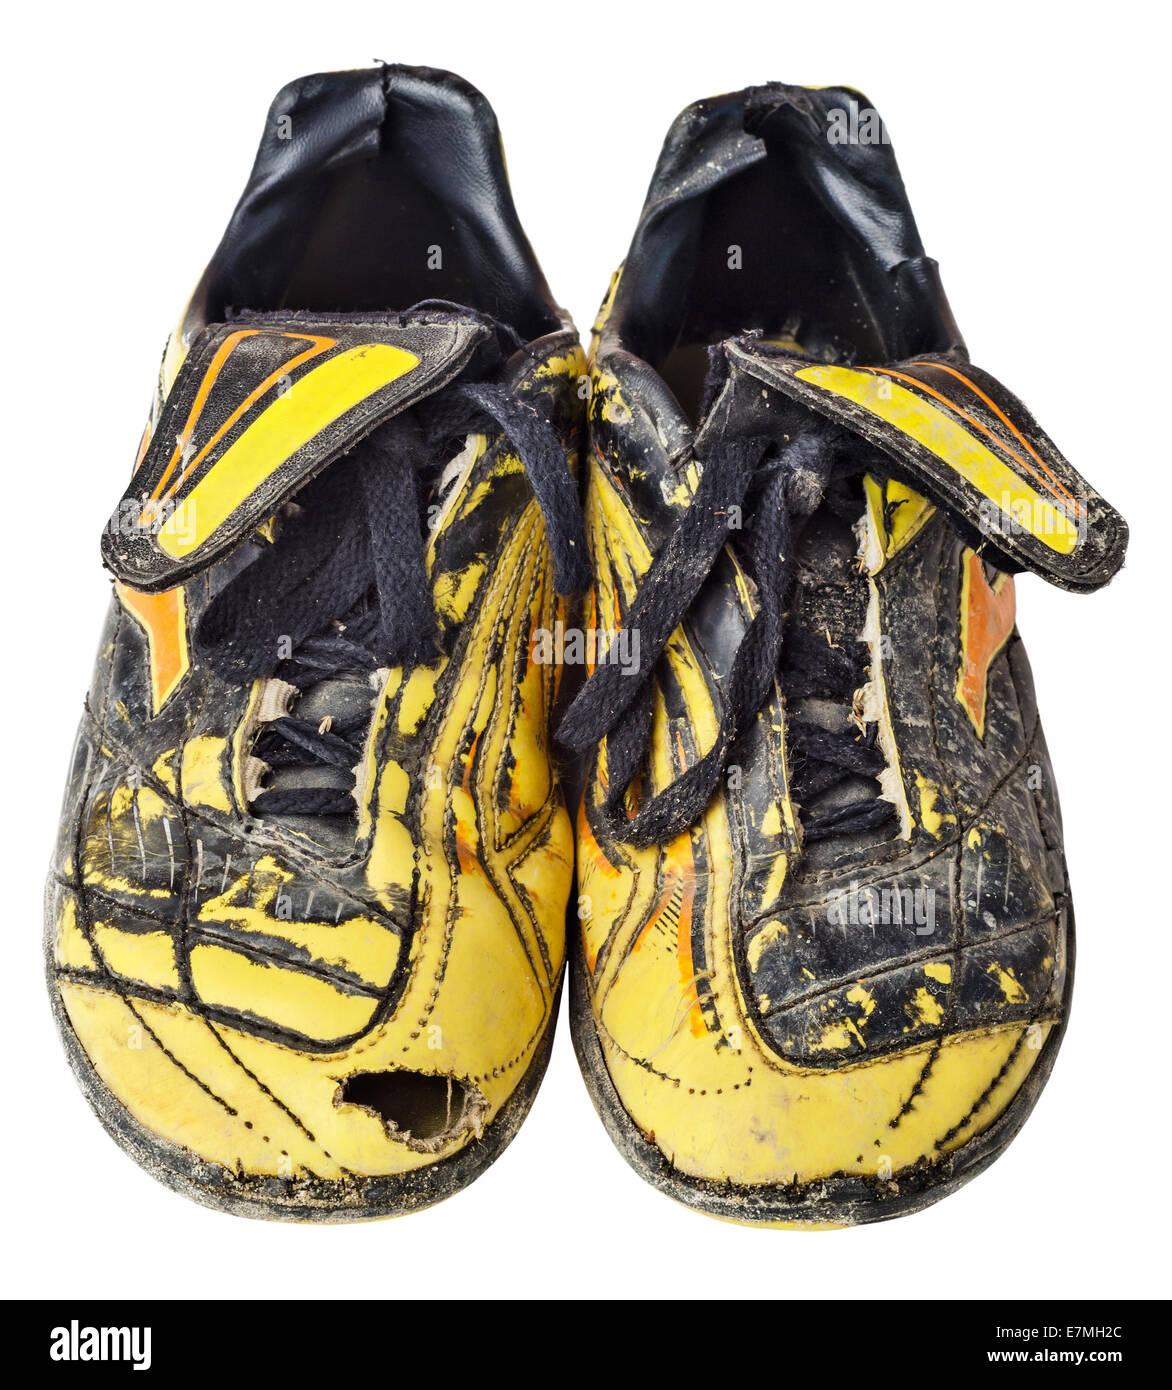 Coppia di vecchie scarpe da calcio. Scarpe da calcio